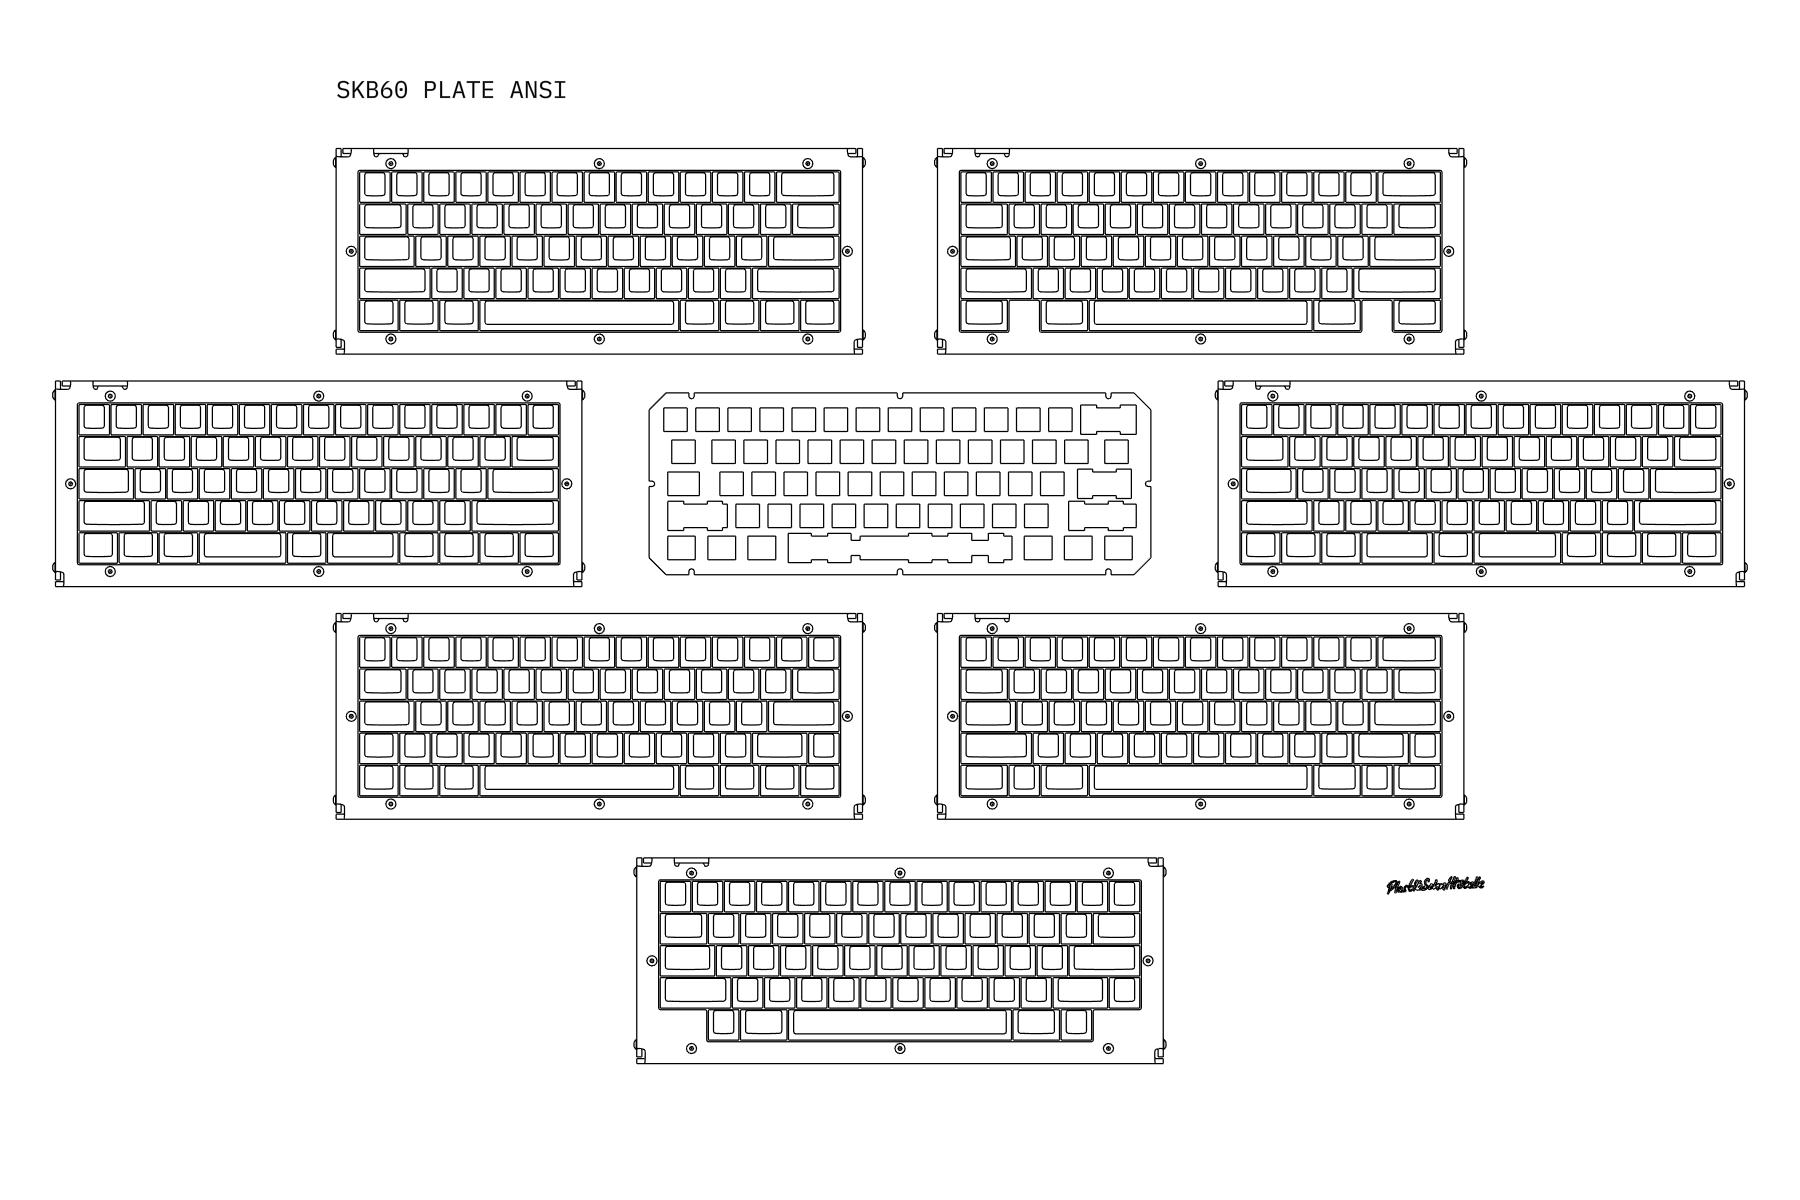 SKB60-PLATE-ANSI.png